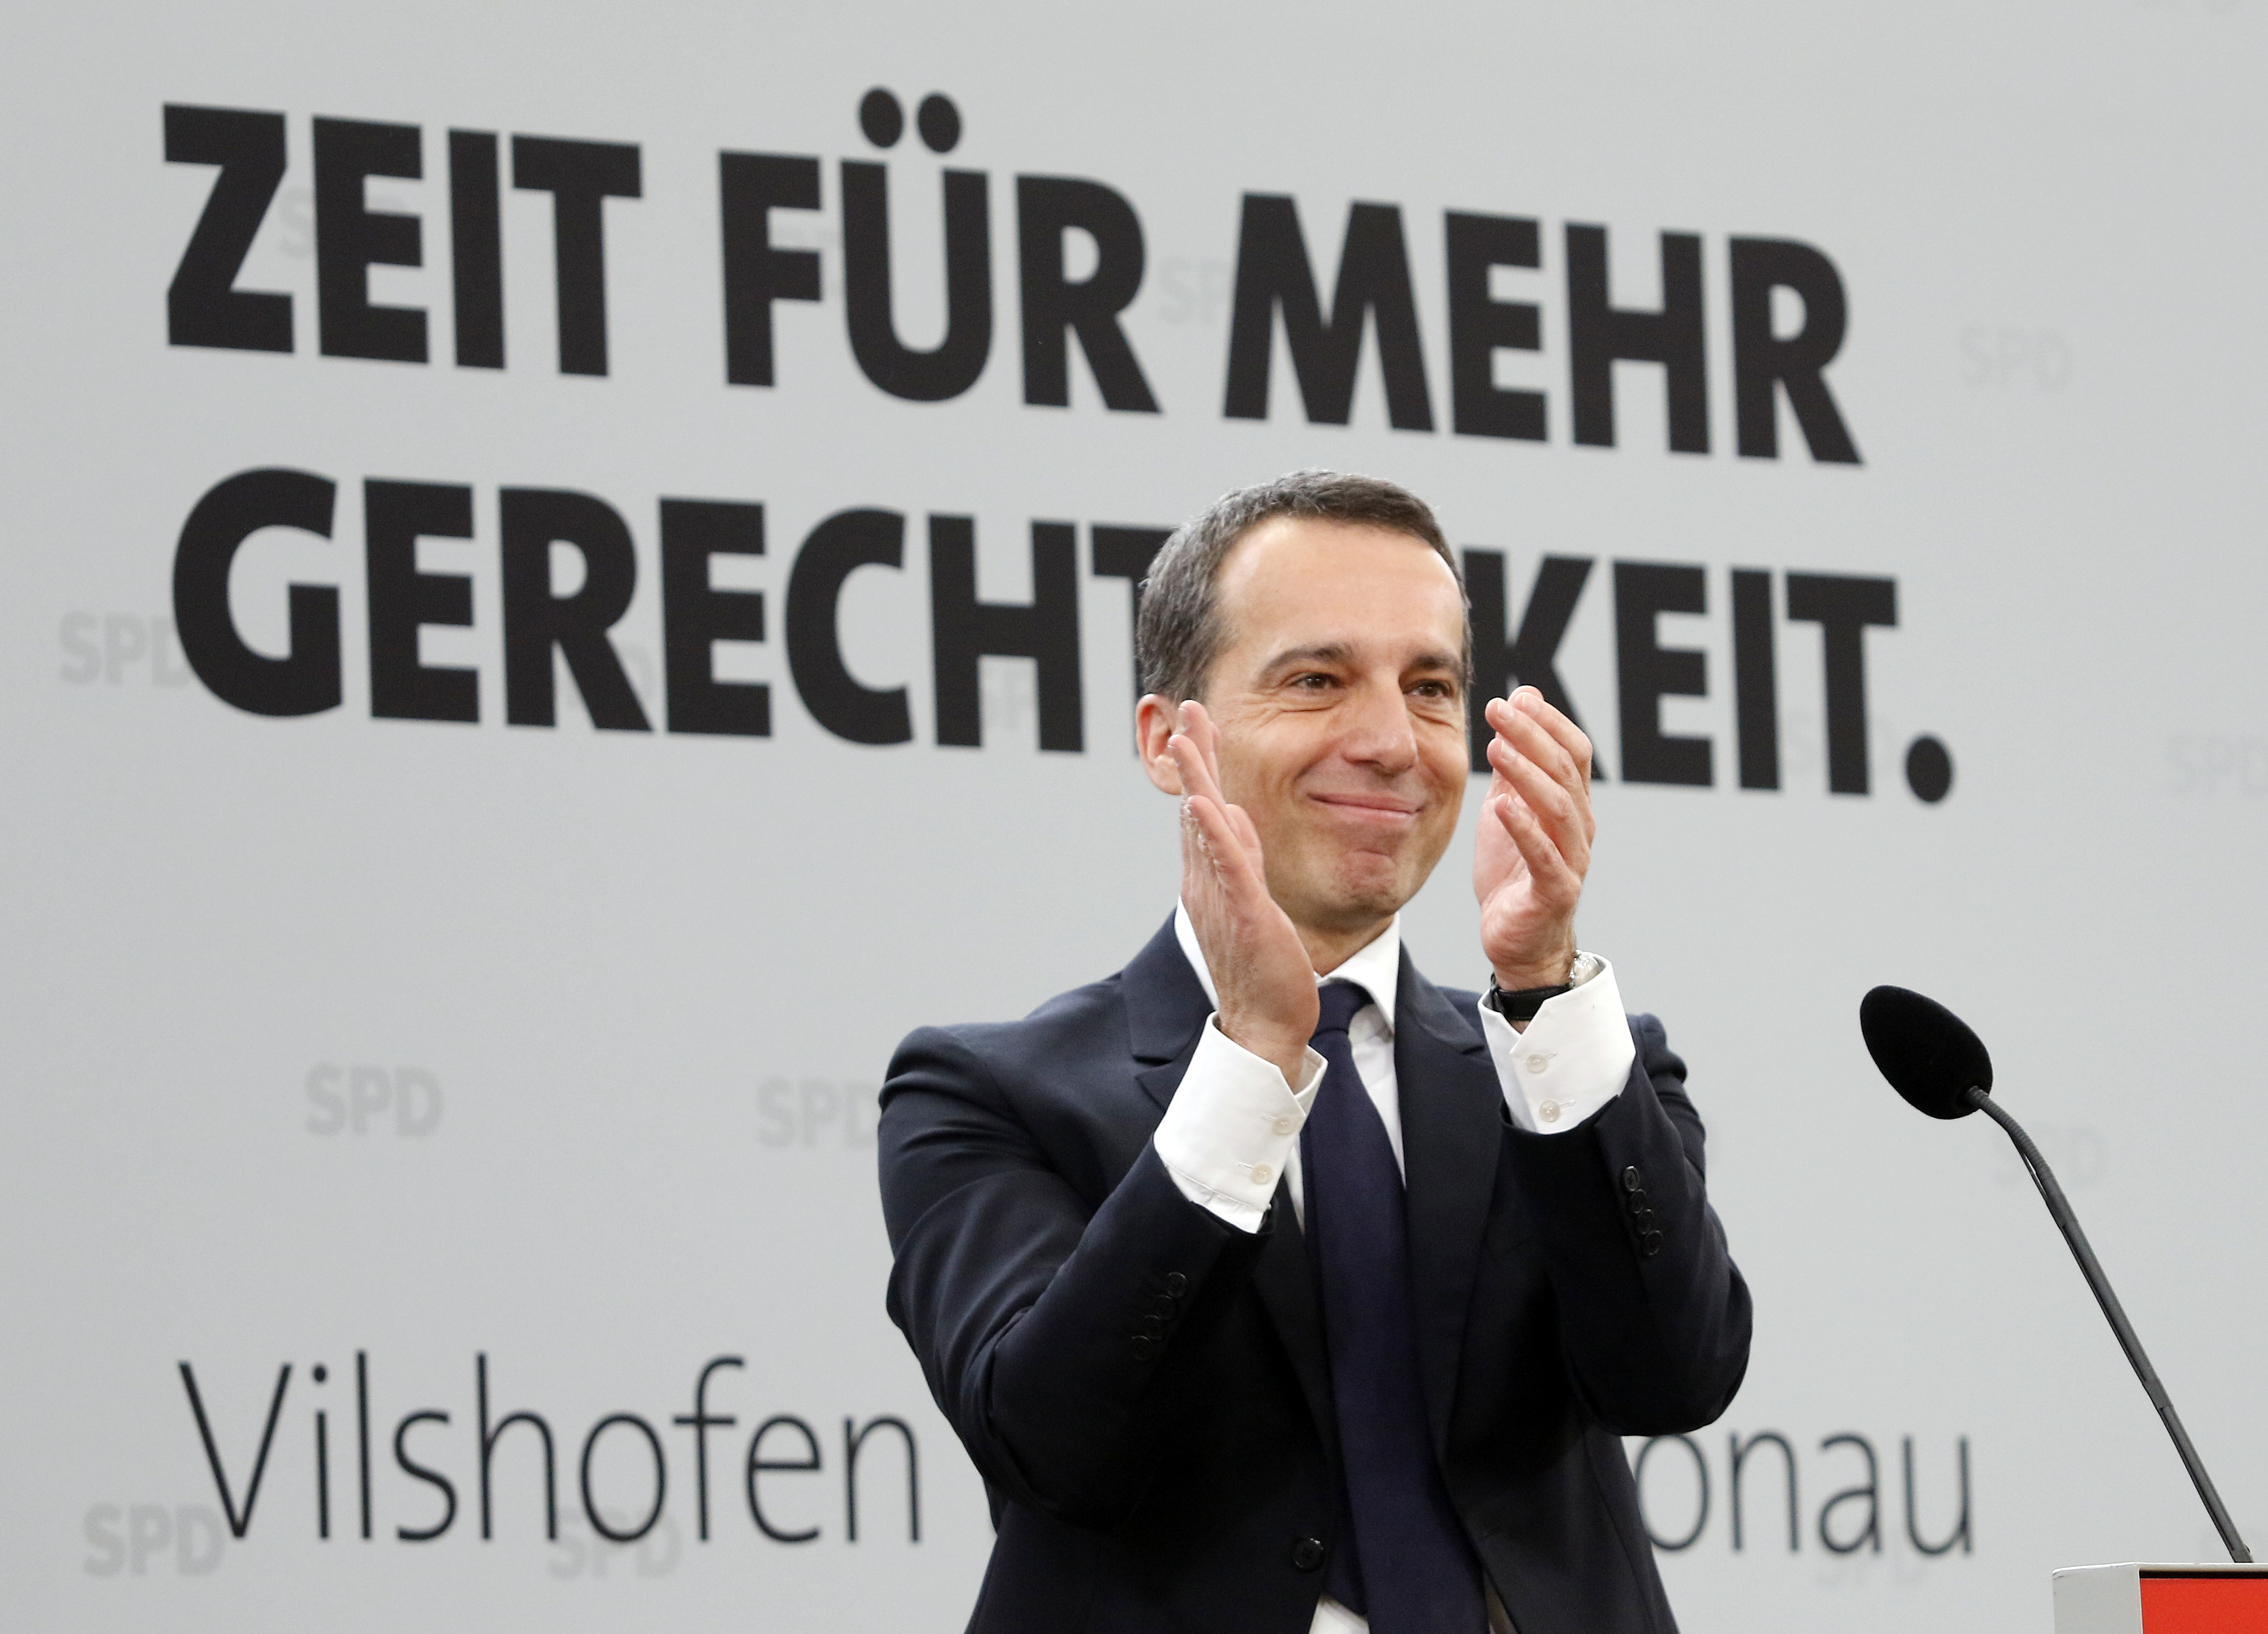 Az osztrák kancellár szerint ősszel előrehozott választások jöhetnek Ausztriában